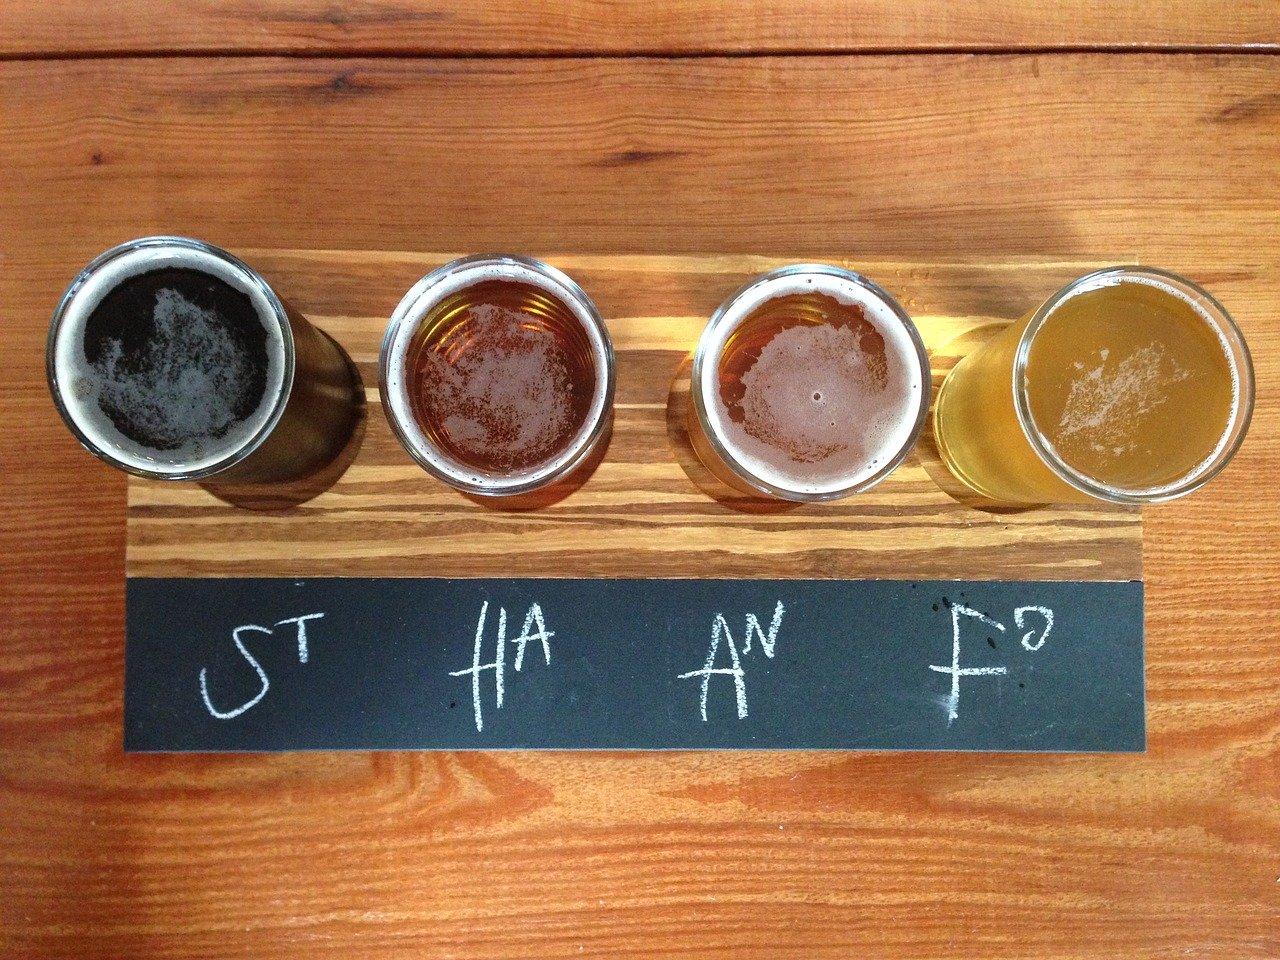 Cerveceros artesanales buscan a las 'tienditas' para vender sus productos ante Covid-19